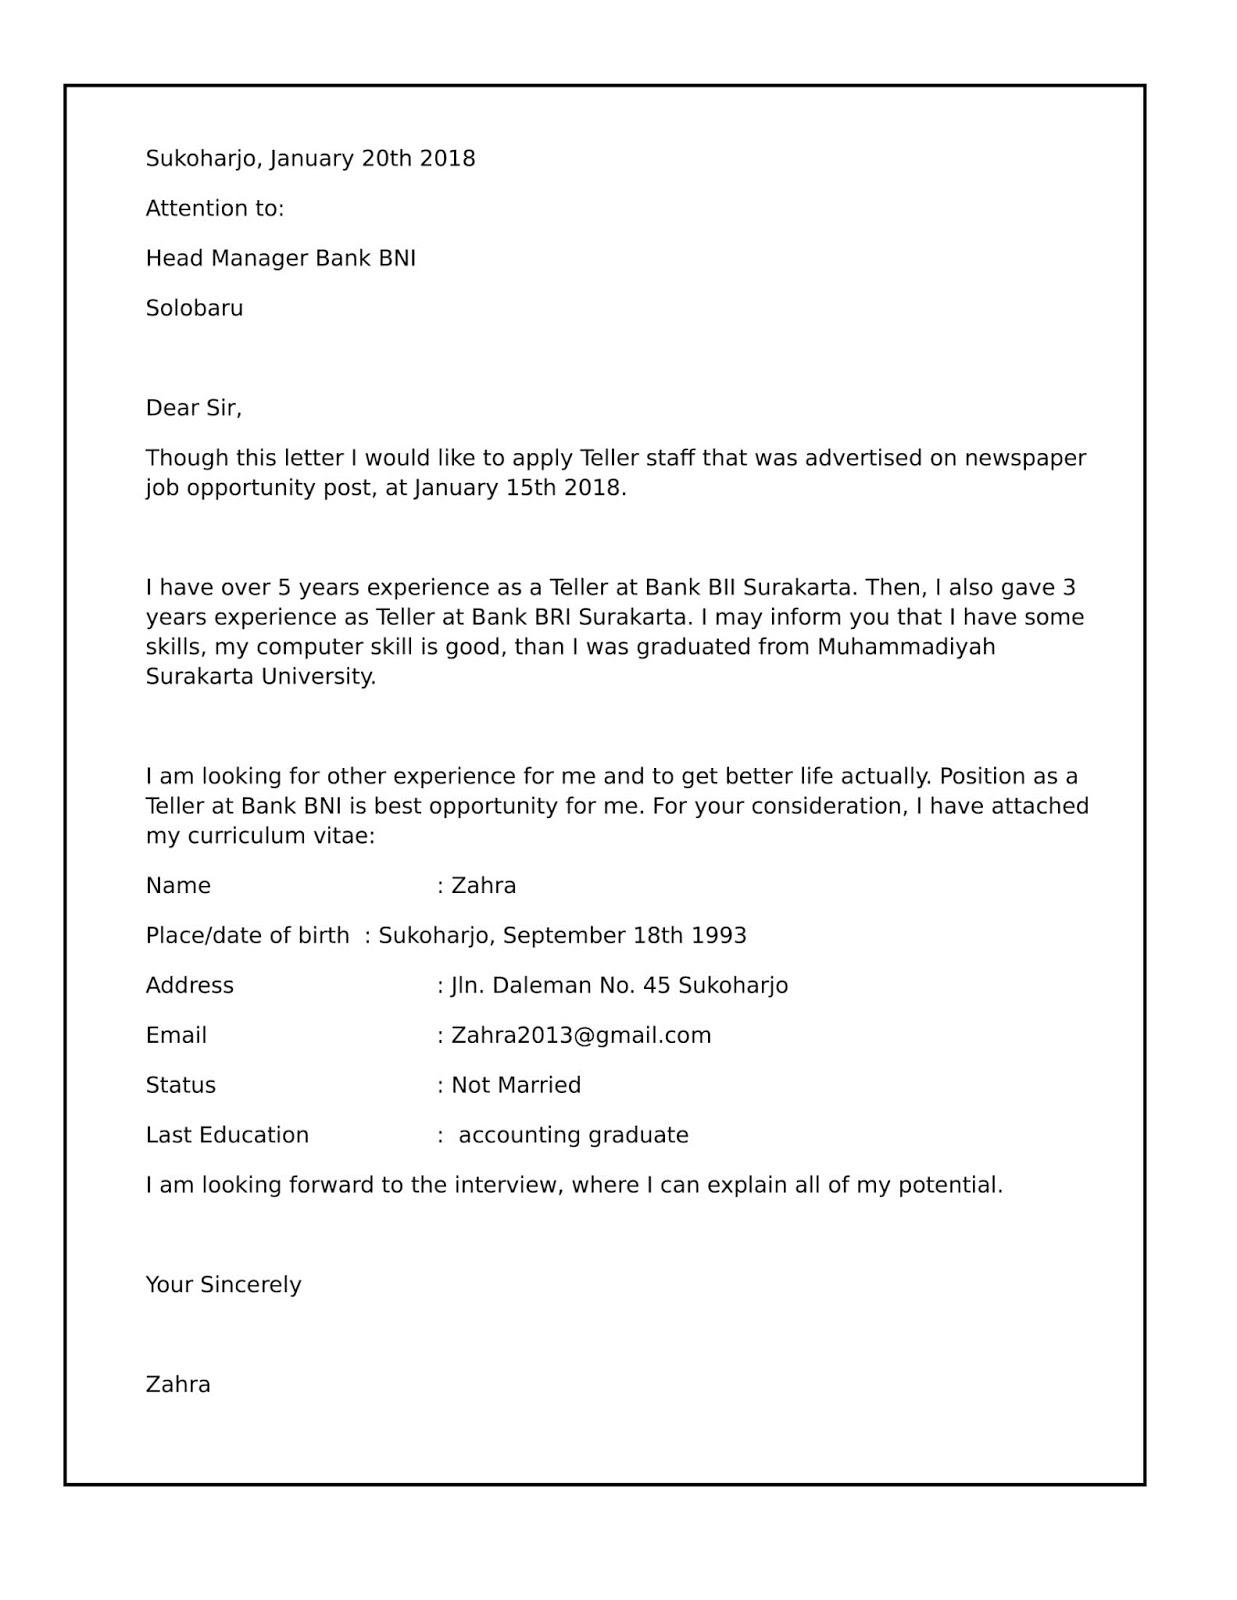 Contoh Surat Lamaran Kerja Di Bank Bri Mandiri Bni Bca Muamalat